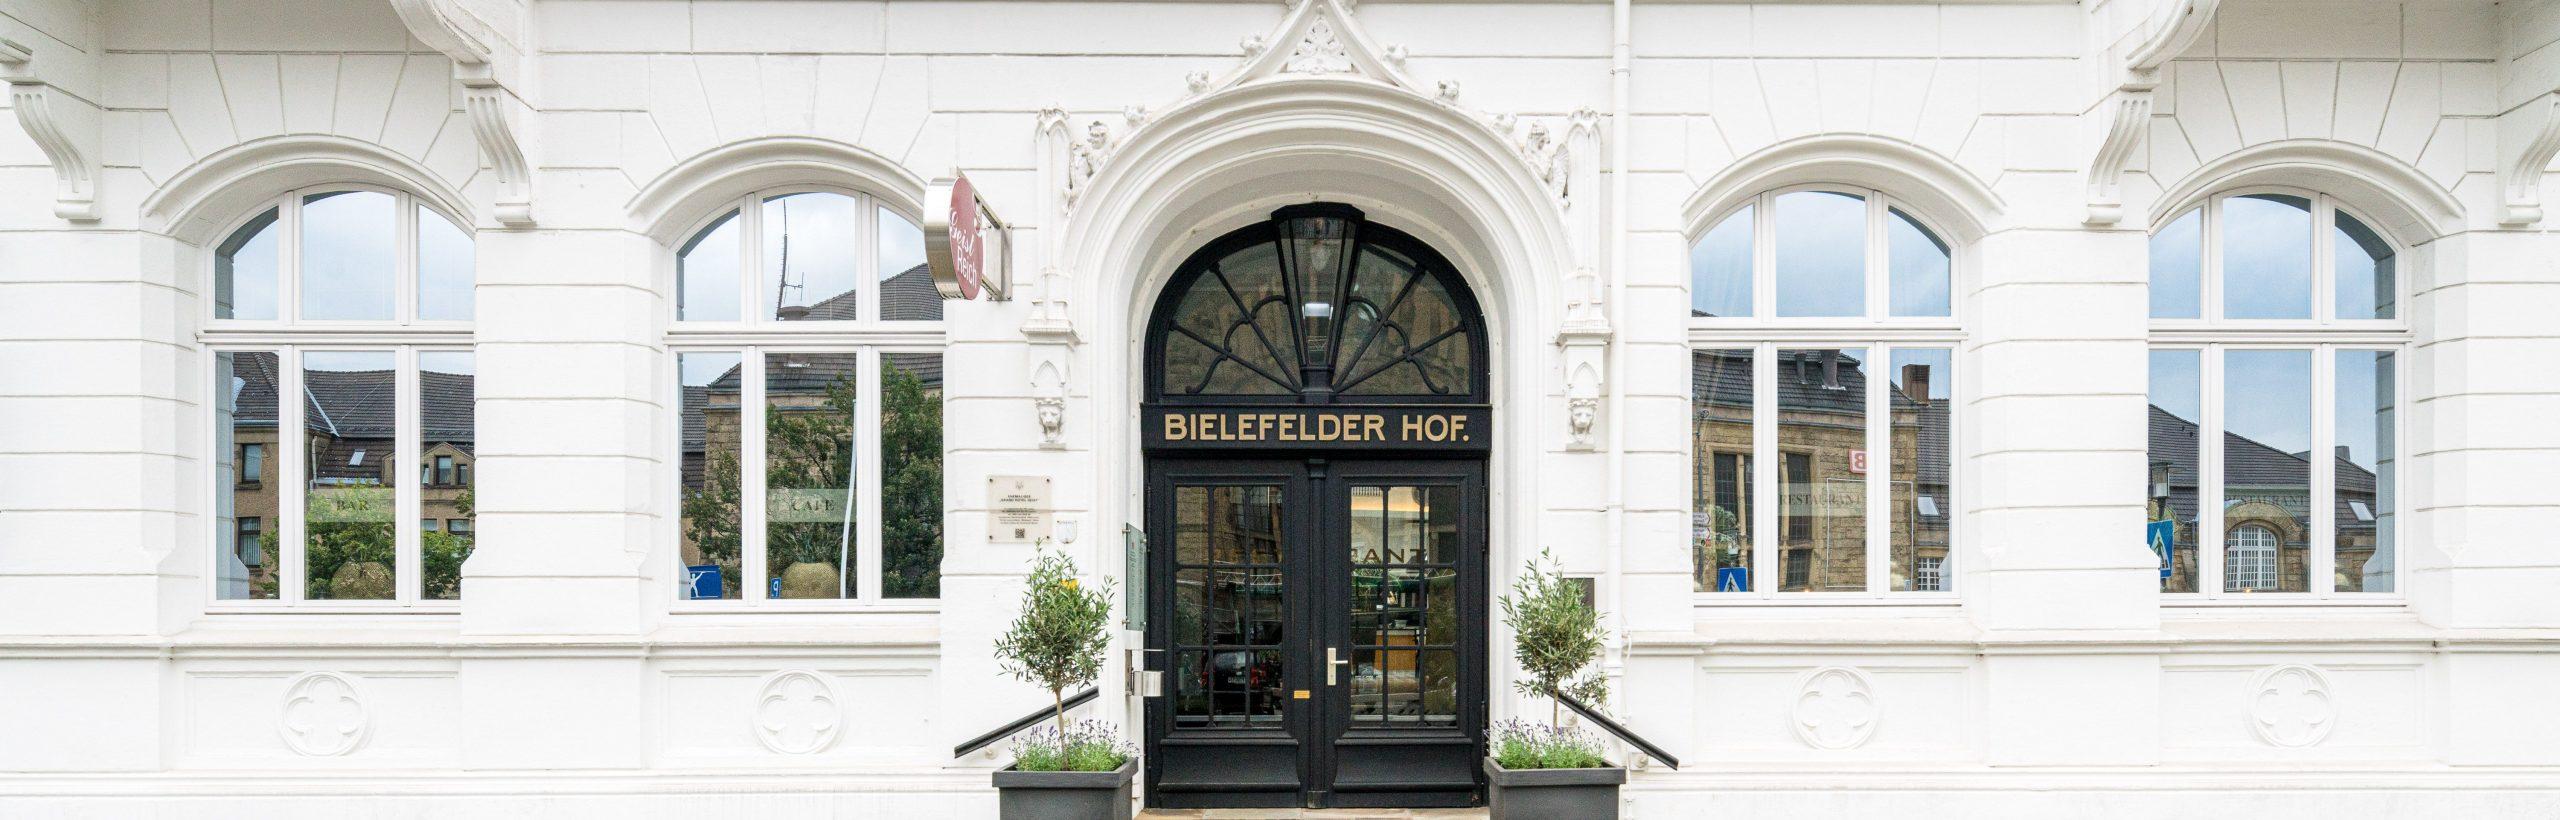 Außenansicht Bielefelder Hof